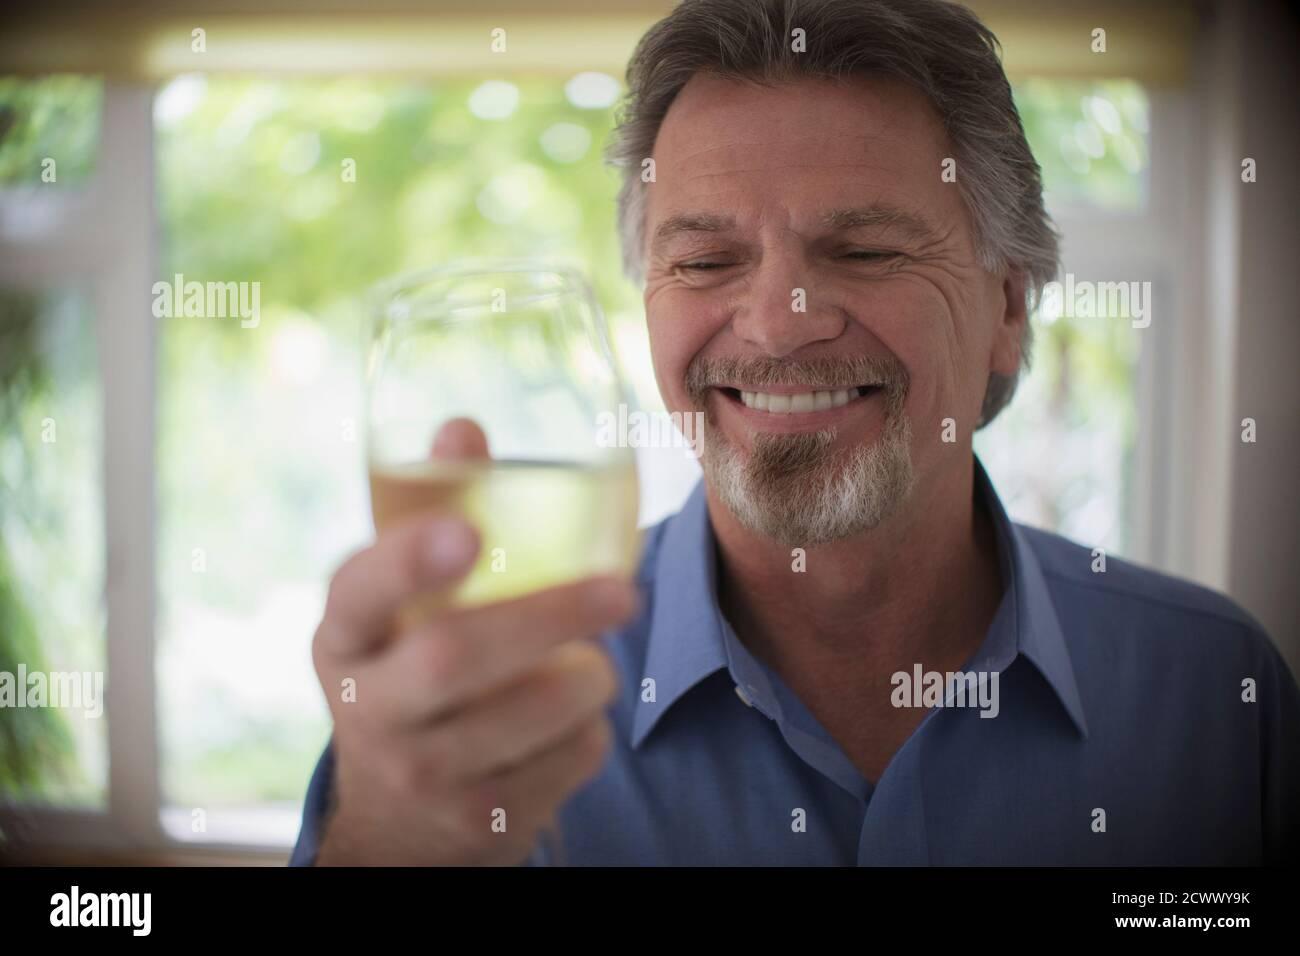 Gros plan homme souriant et expérimenté qui boit du vin blanc Banque D'Images